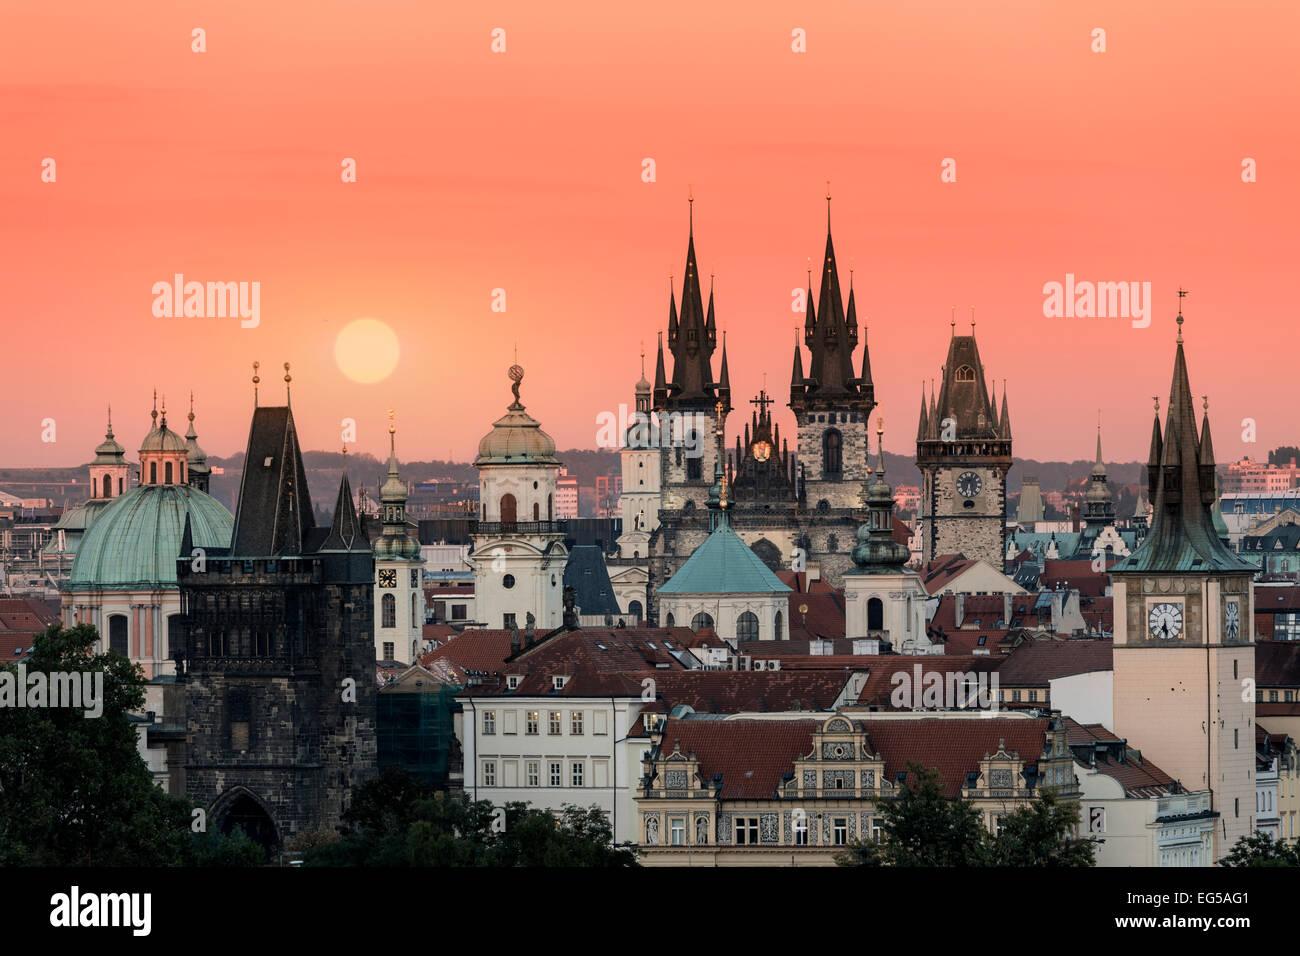 Skyline of Prague at sunrise - Stock Image